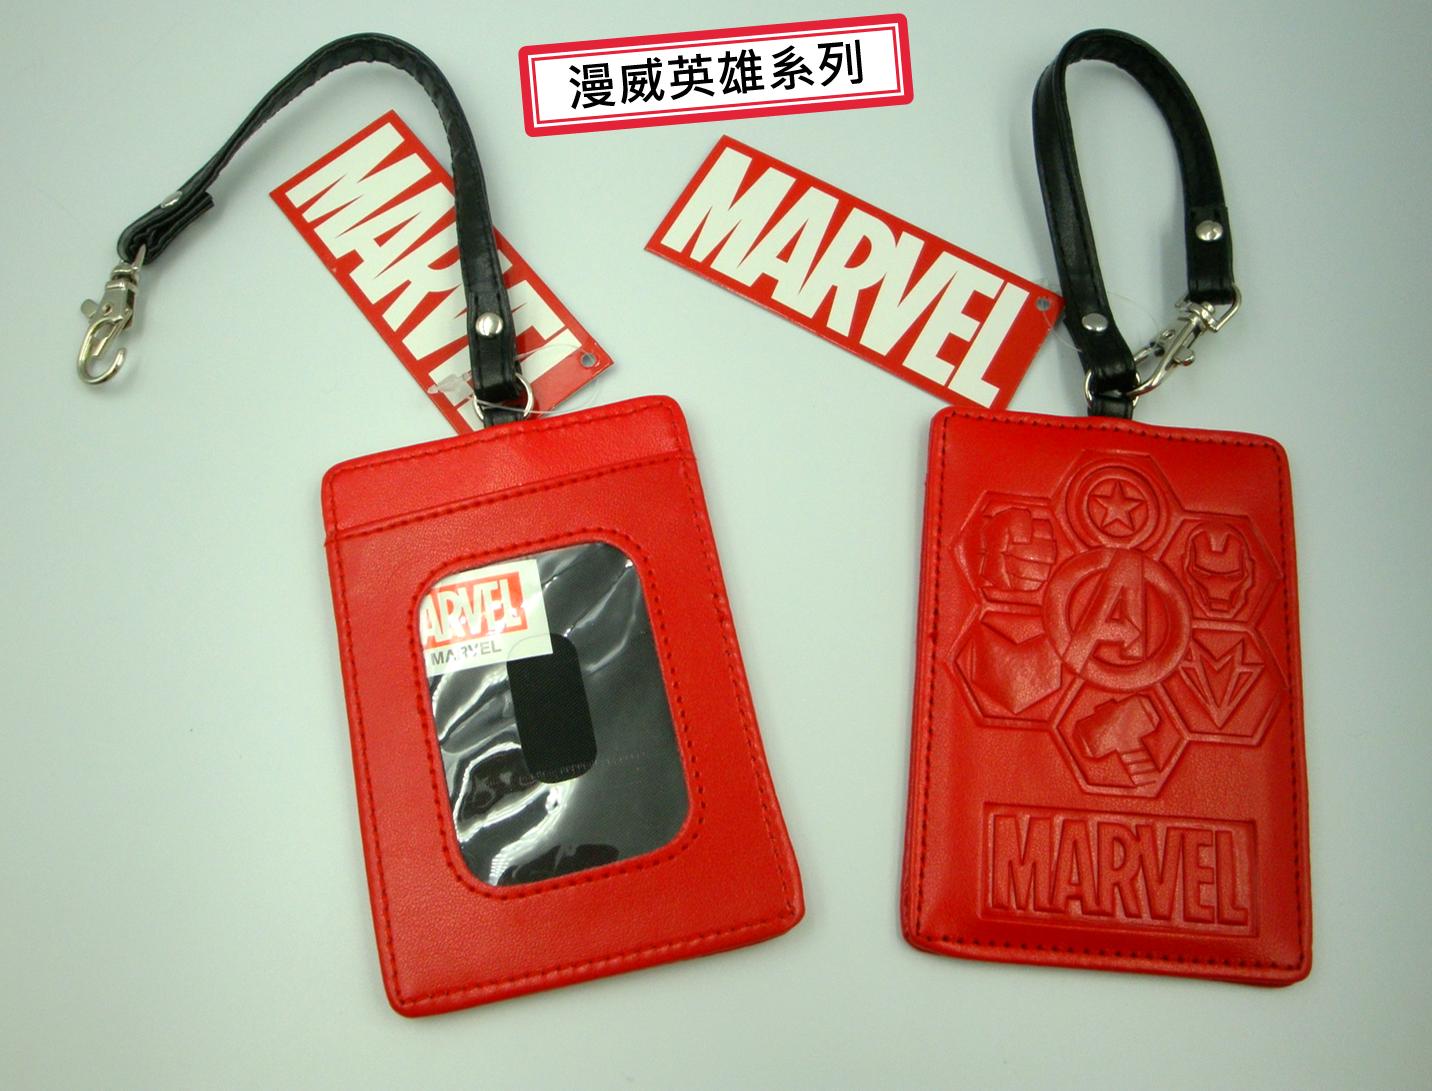 MARVEL 漫威英雄系列 (皮革質感) 票卡夾 證件套 悠遊卡套 行李吊牌